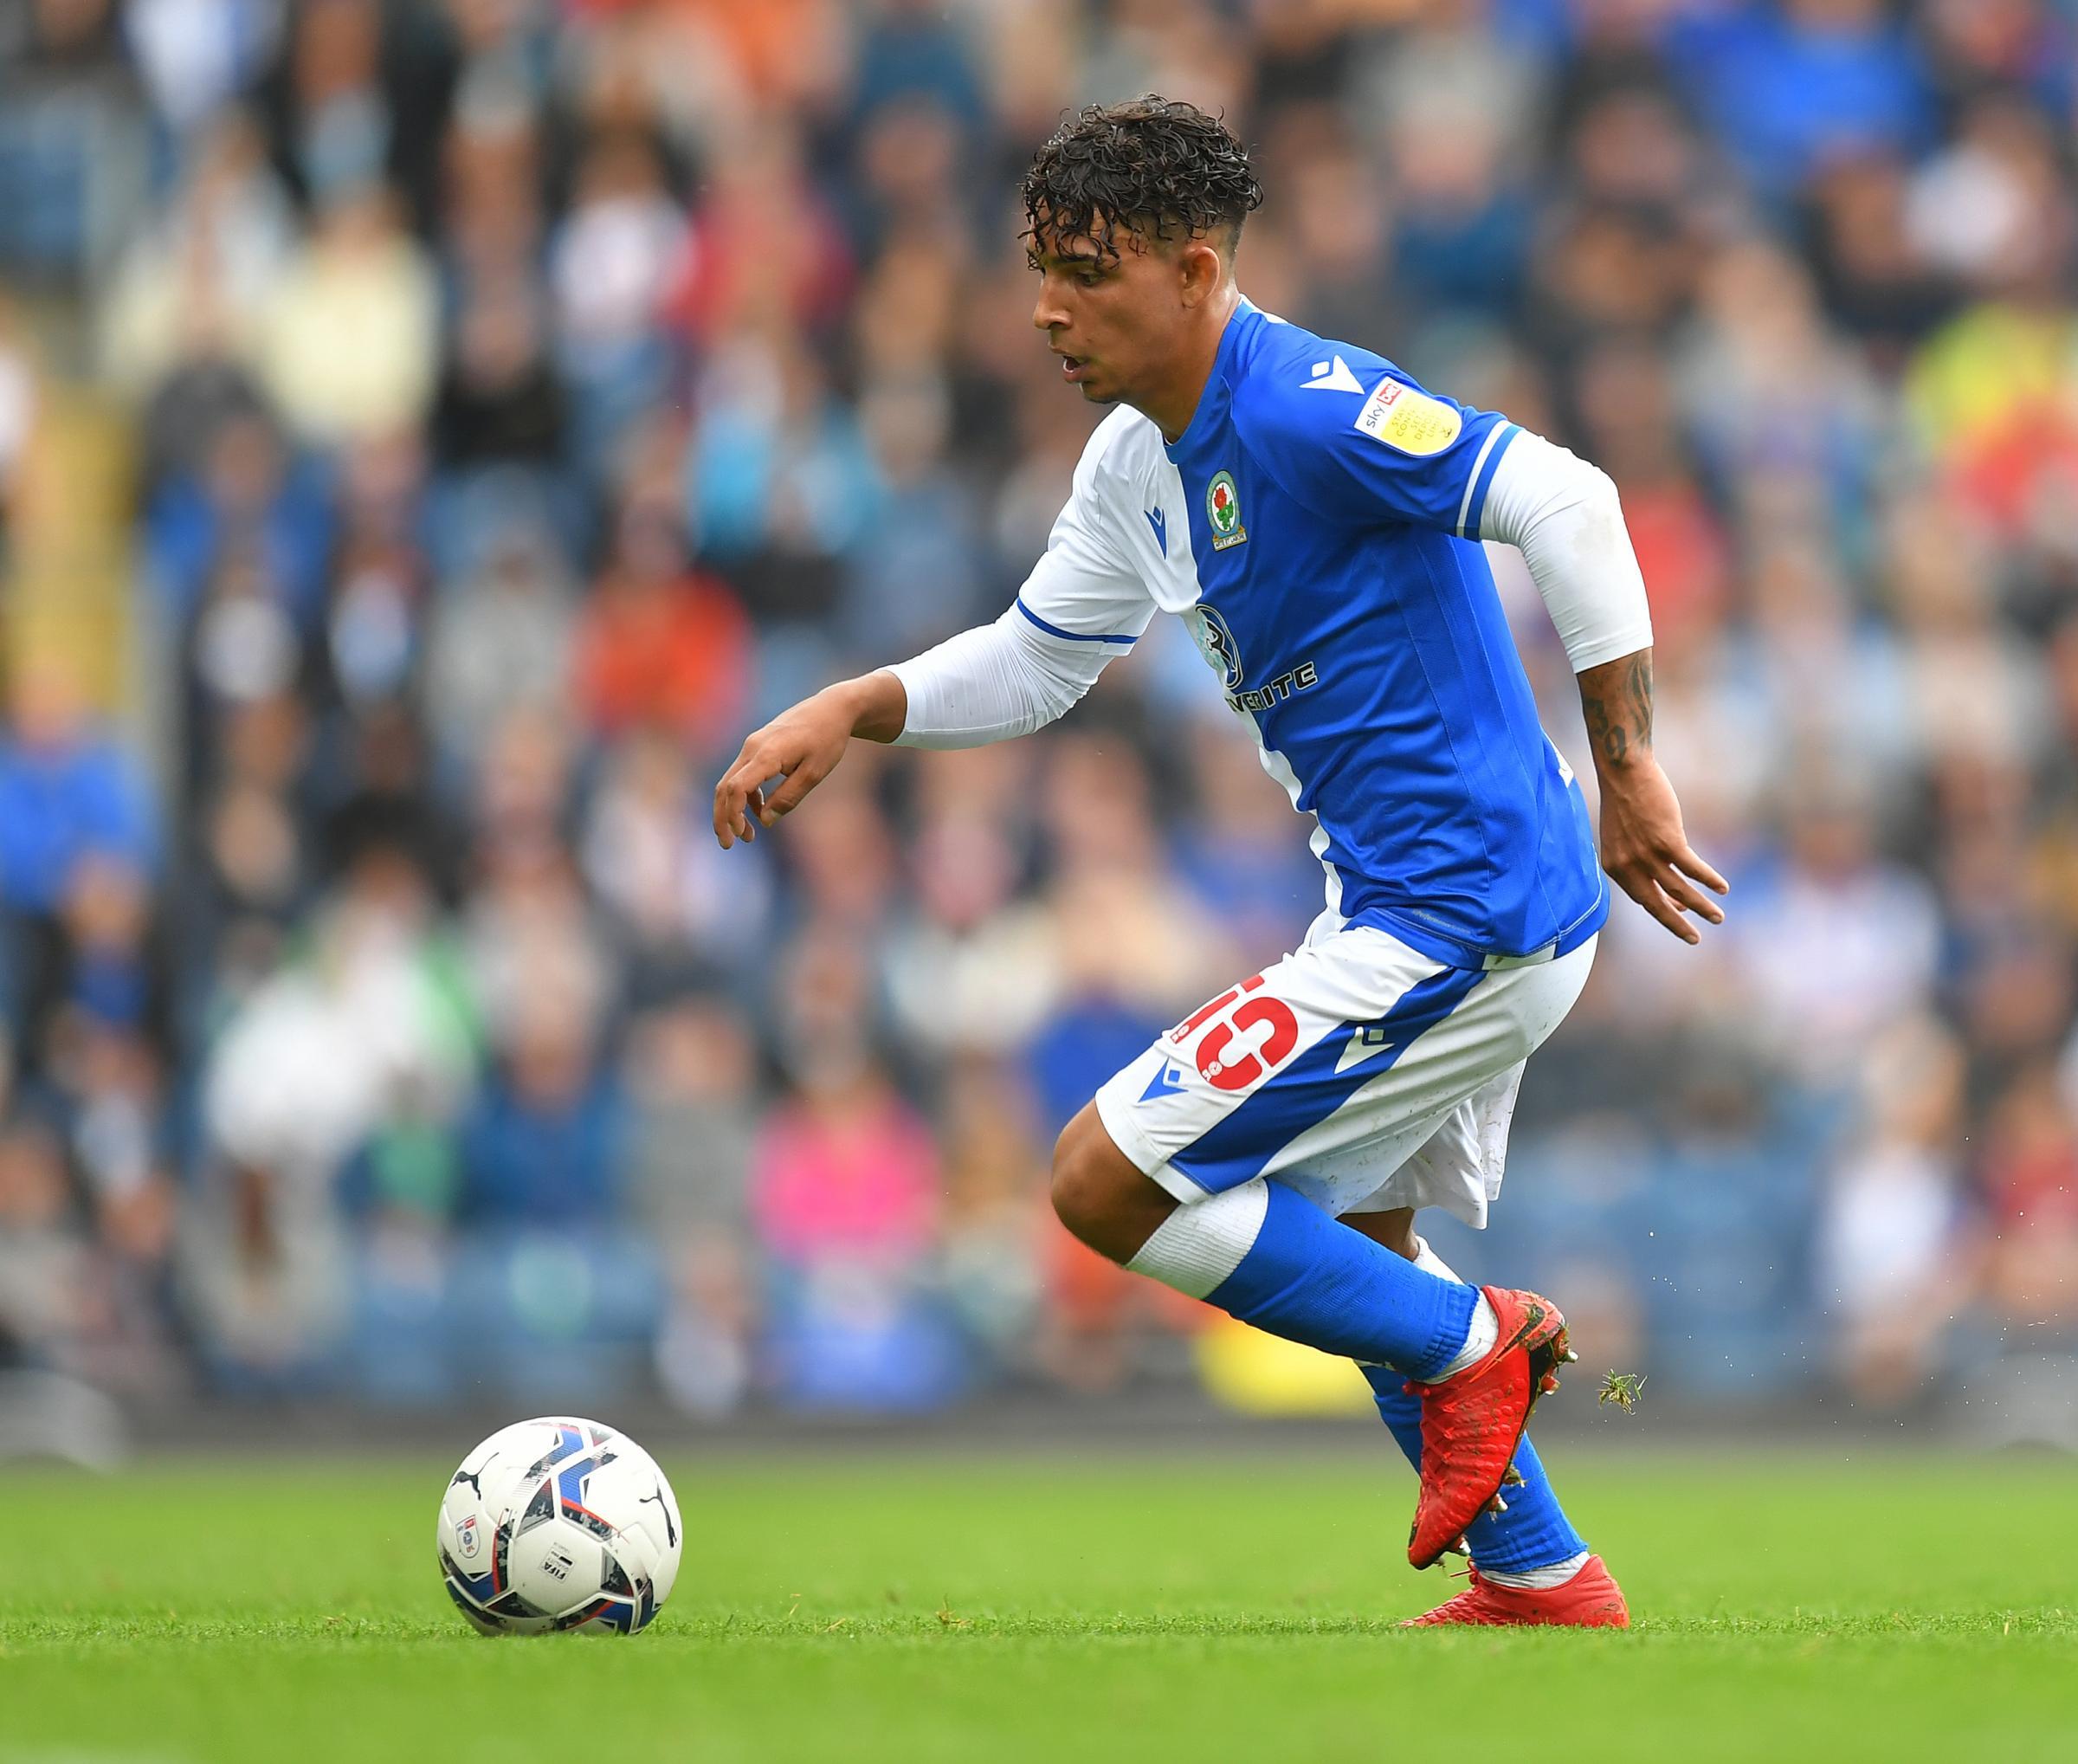 Blackburn Rovers golpeado por una enfermedad antes de la visita a Coventry City